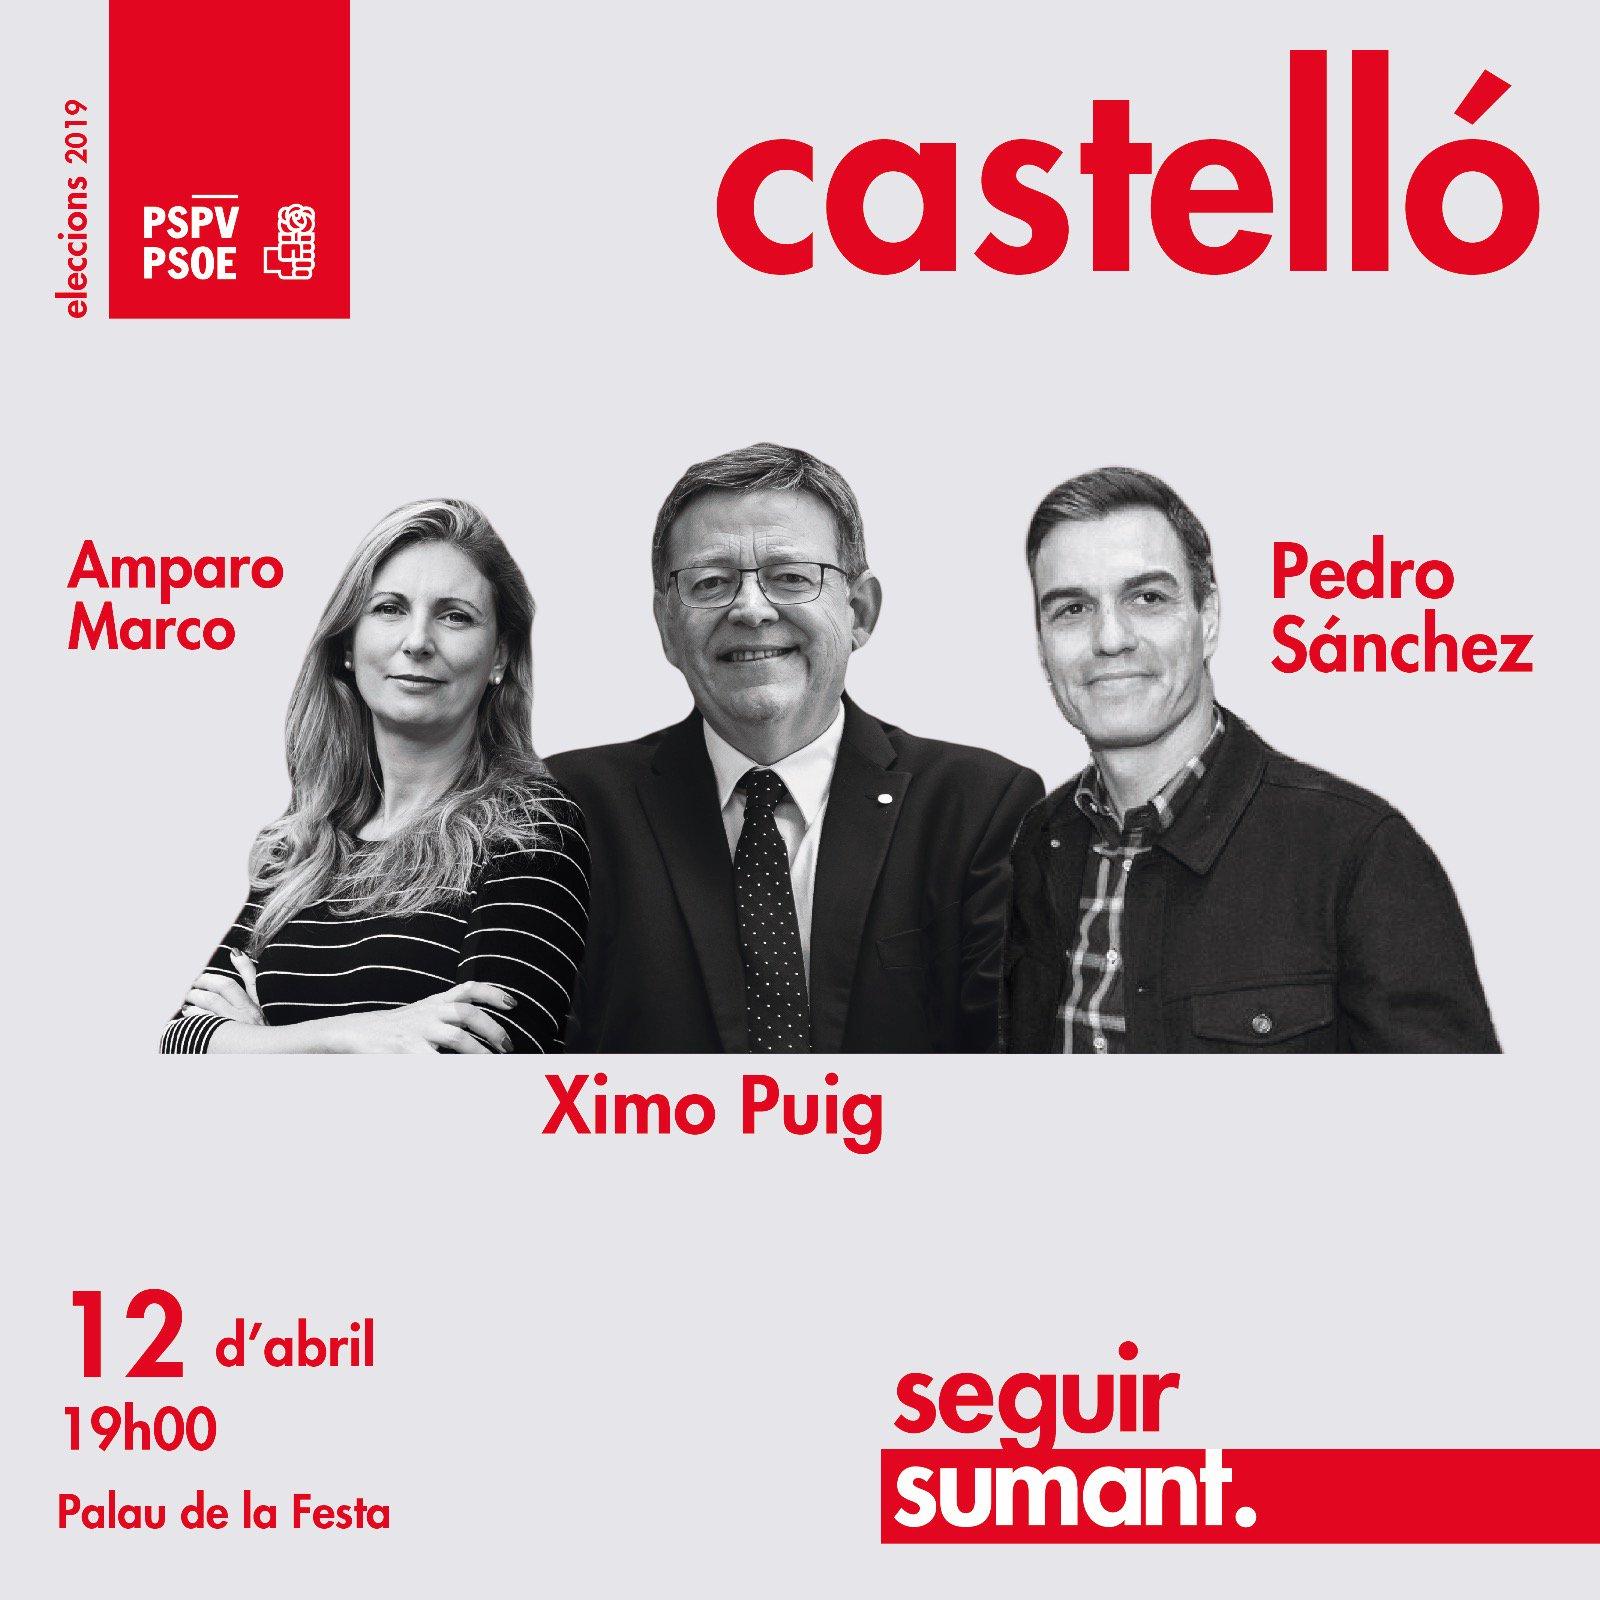 Acte en Castelló amb Pedro Sánchez, Ximo Puig i Amparo Marco